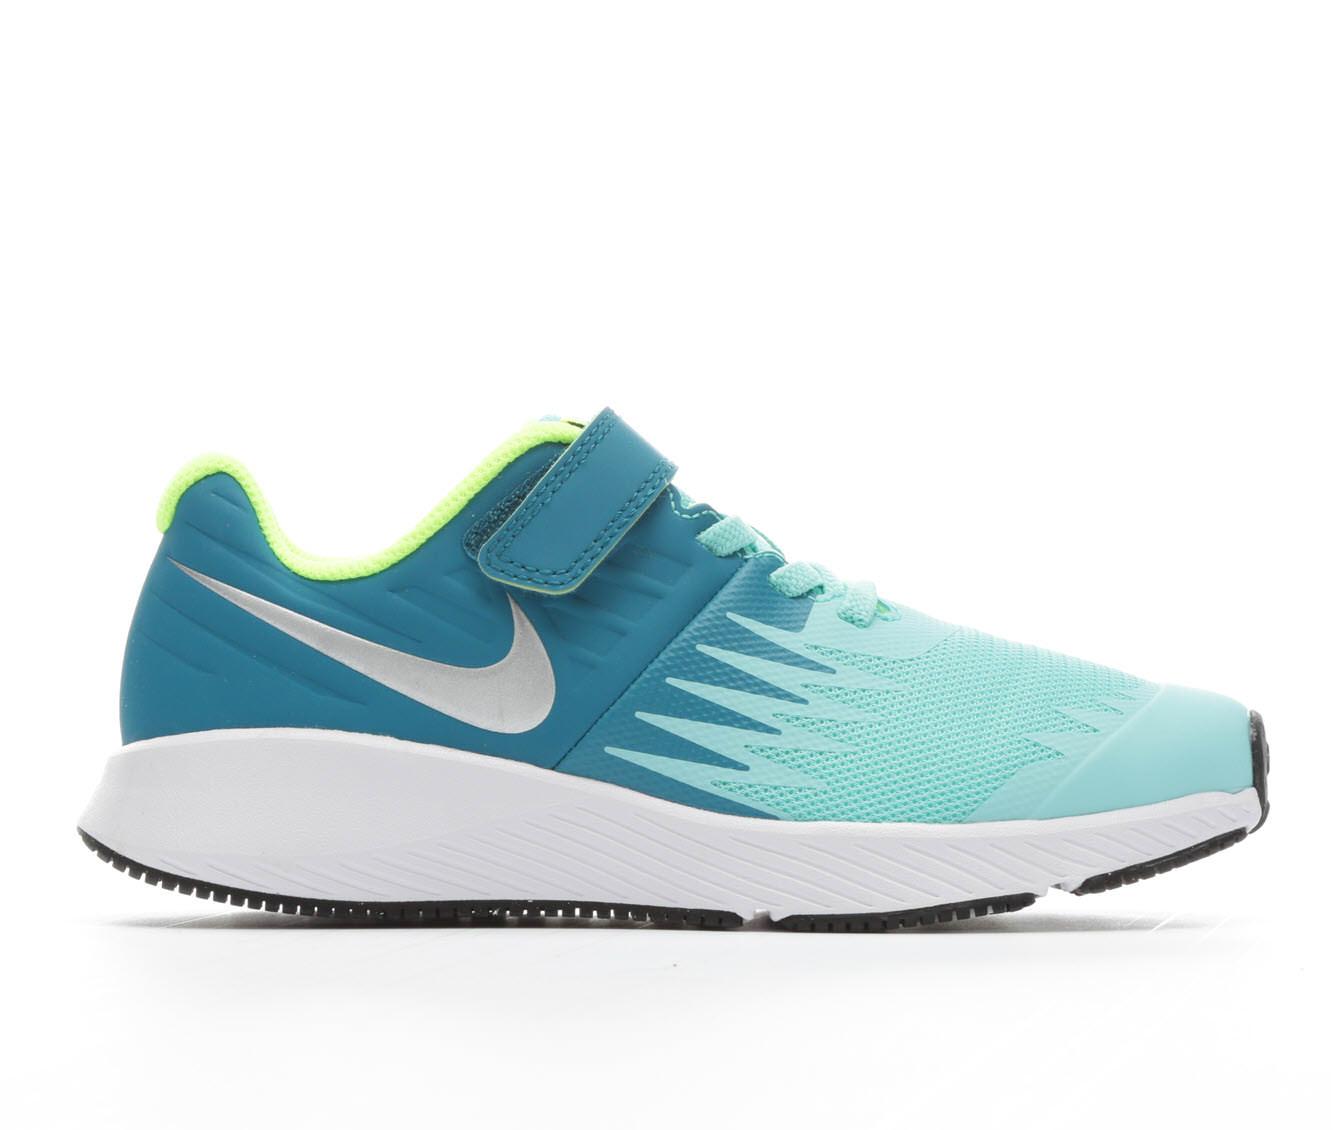 Girls' Nike Star Runner Velcro Running Shoes (Blue)